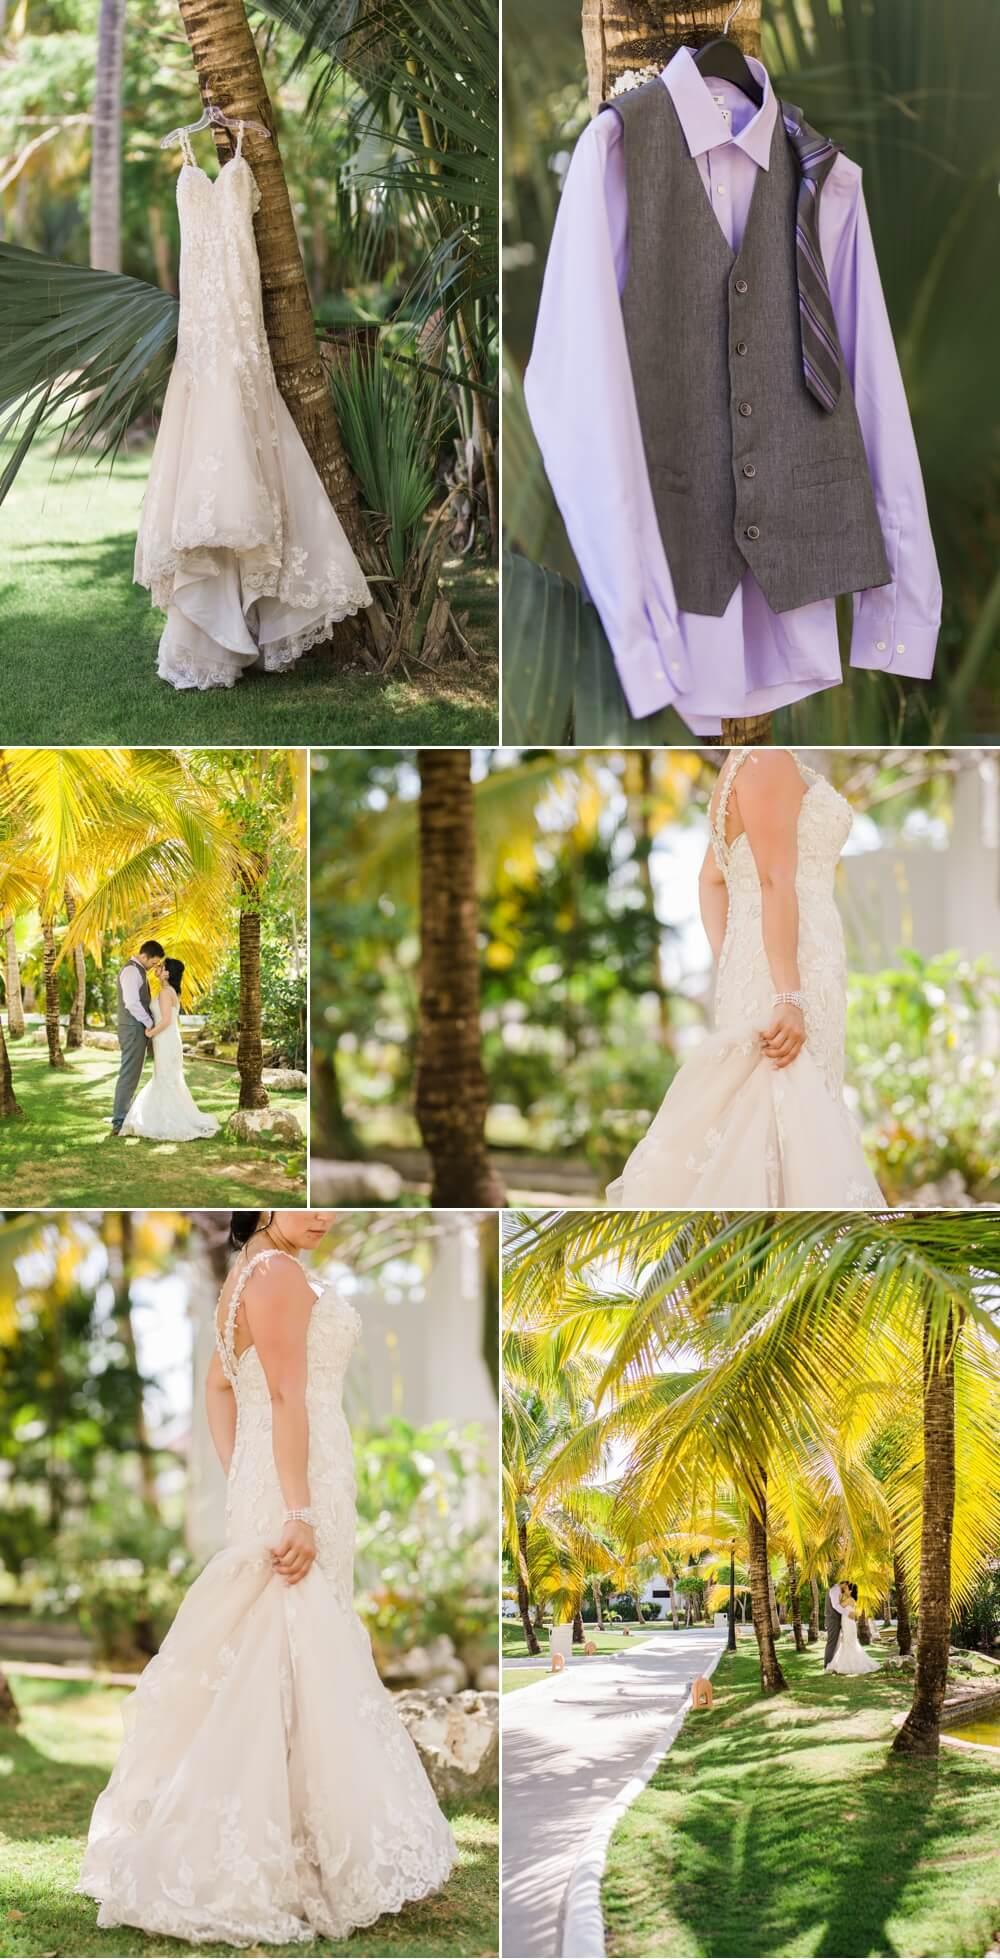 mariage dans le sud photographe